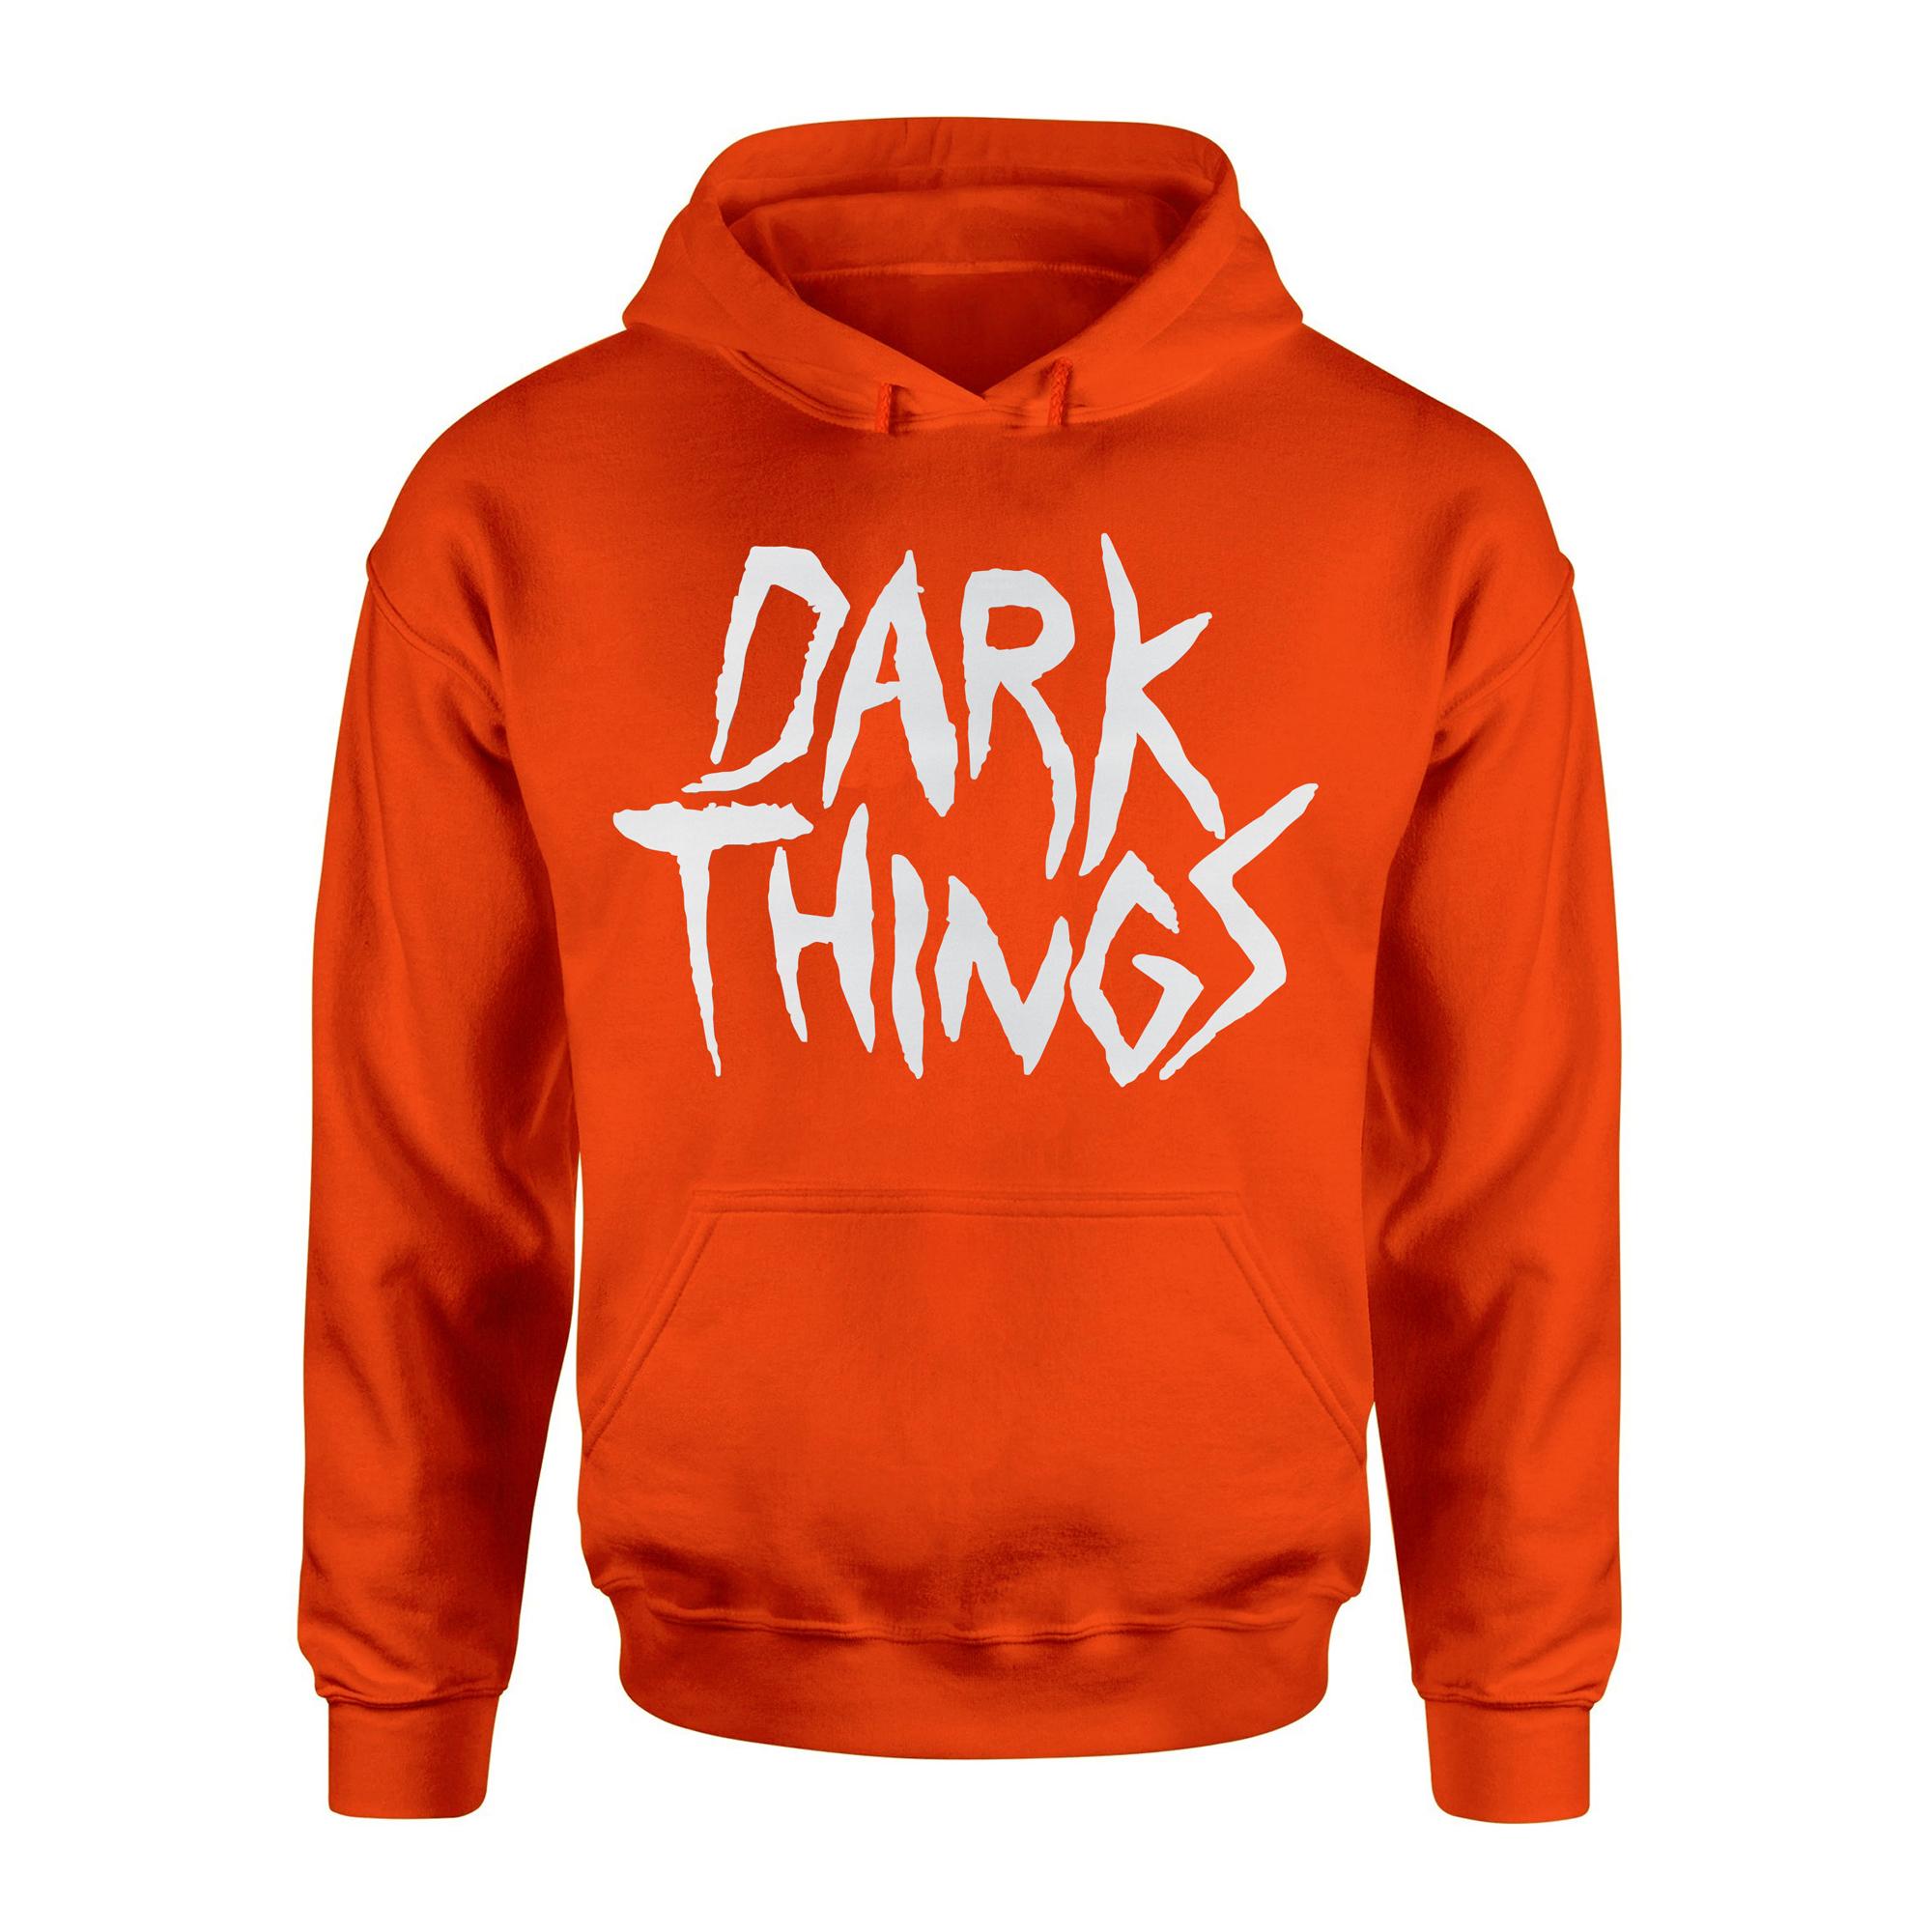 Dark Things Hoodie + HOOLIGANS Album Digital Download